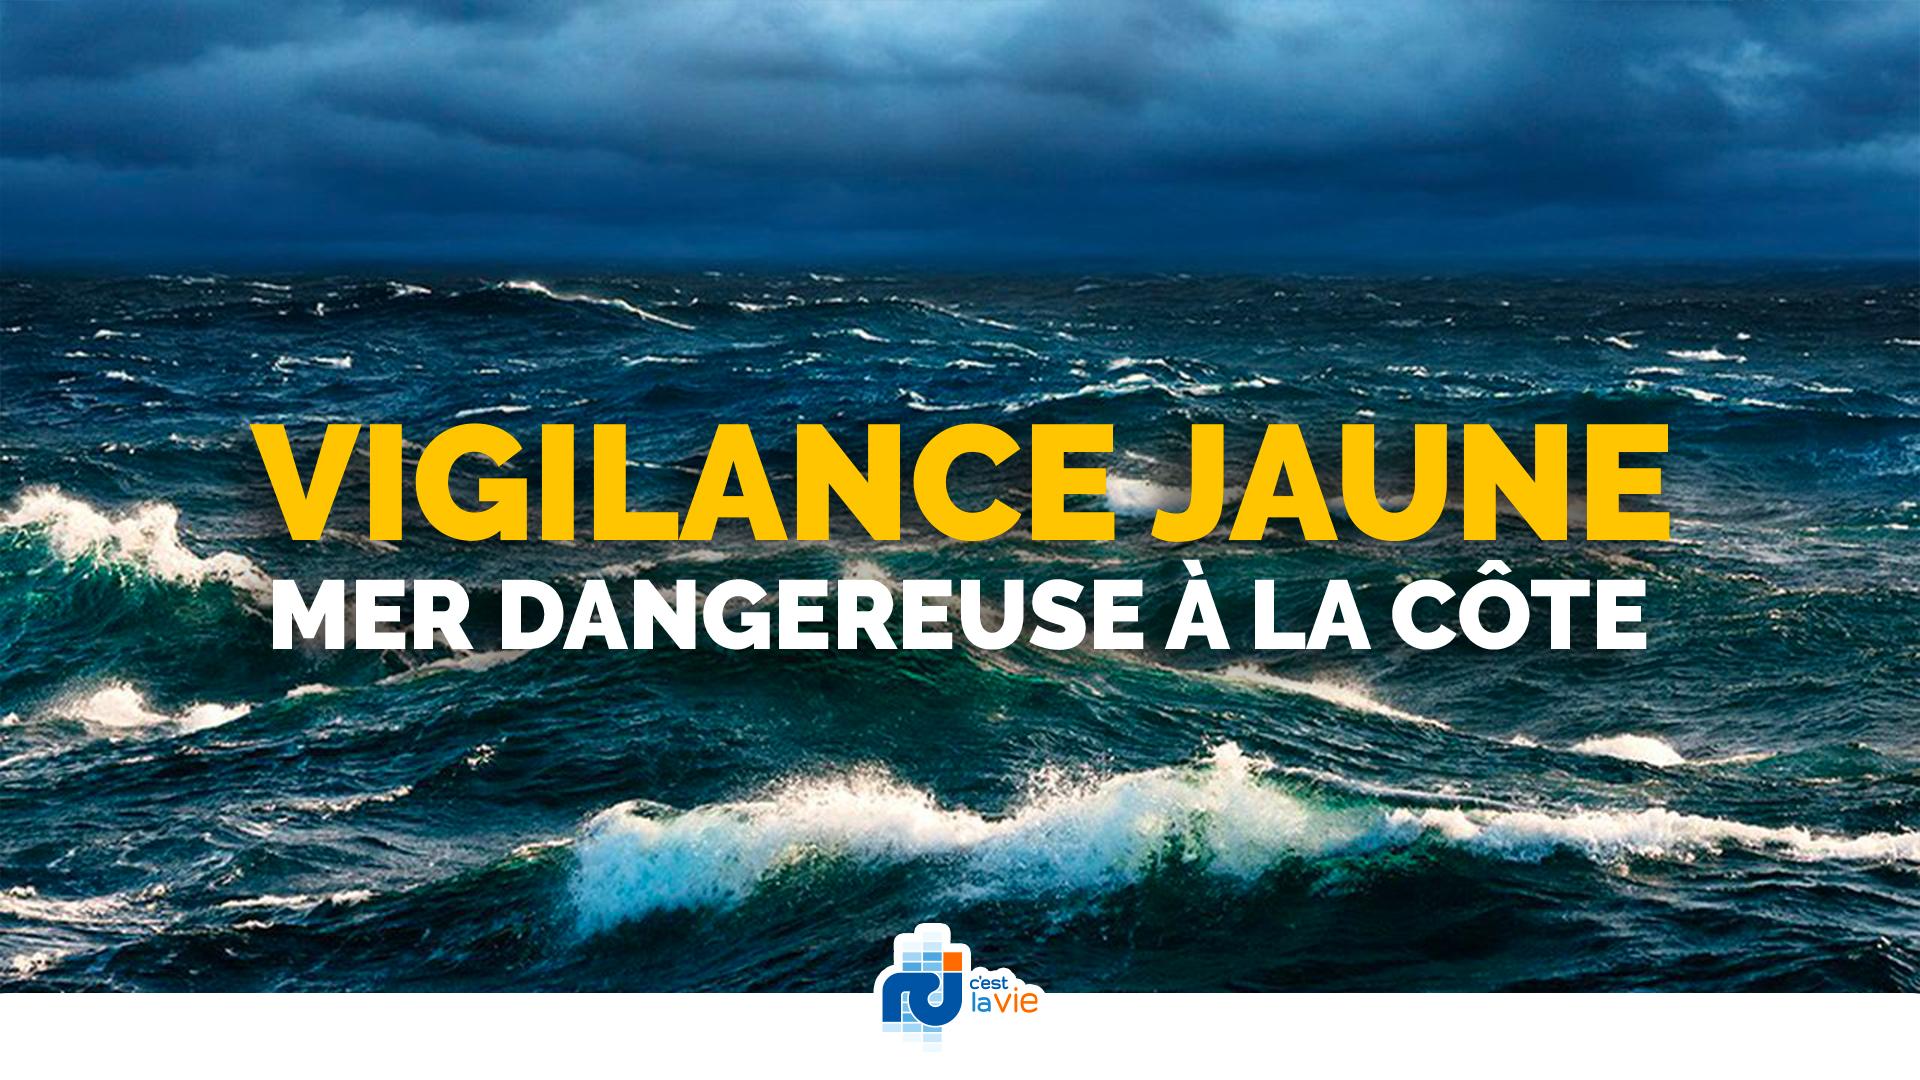 La Martinique en vigilance jaune pour mer dangereuse à la côte jusqu'à lundi